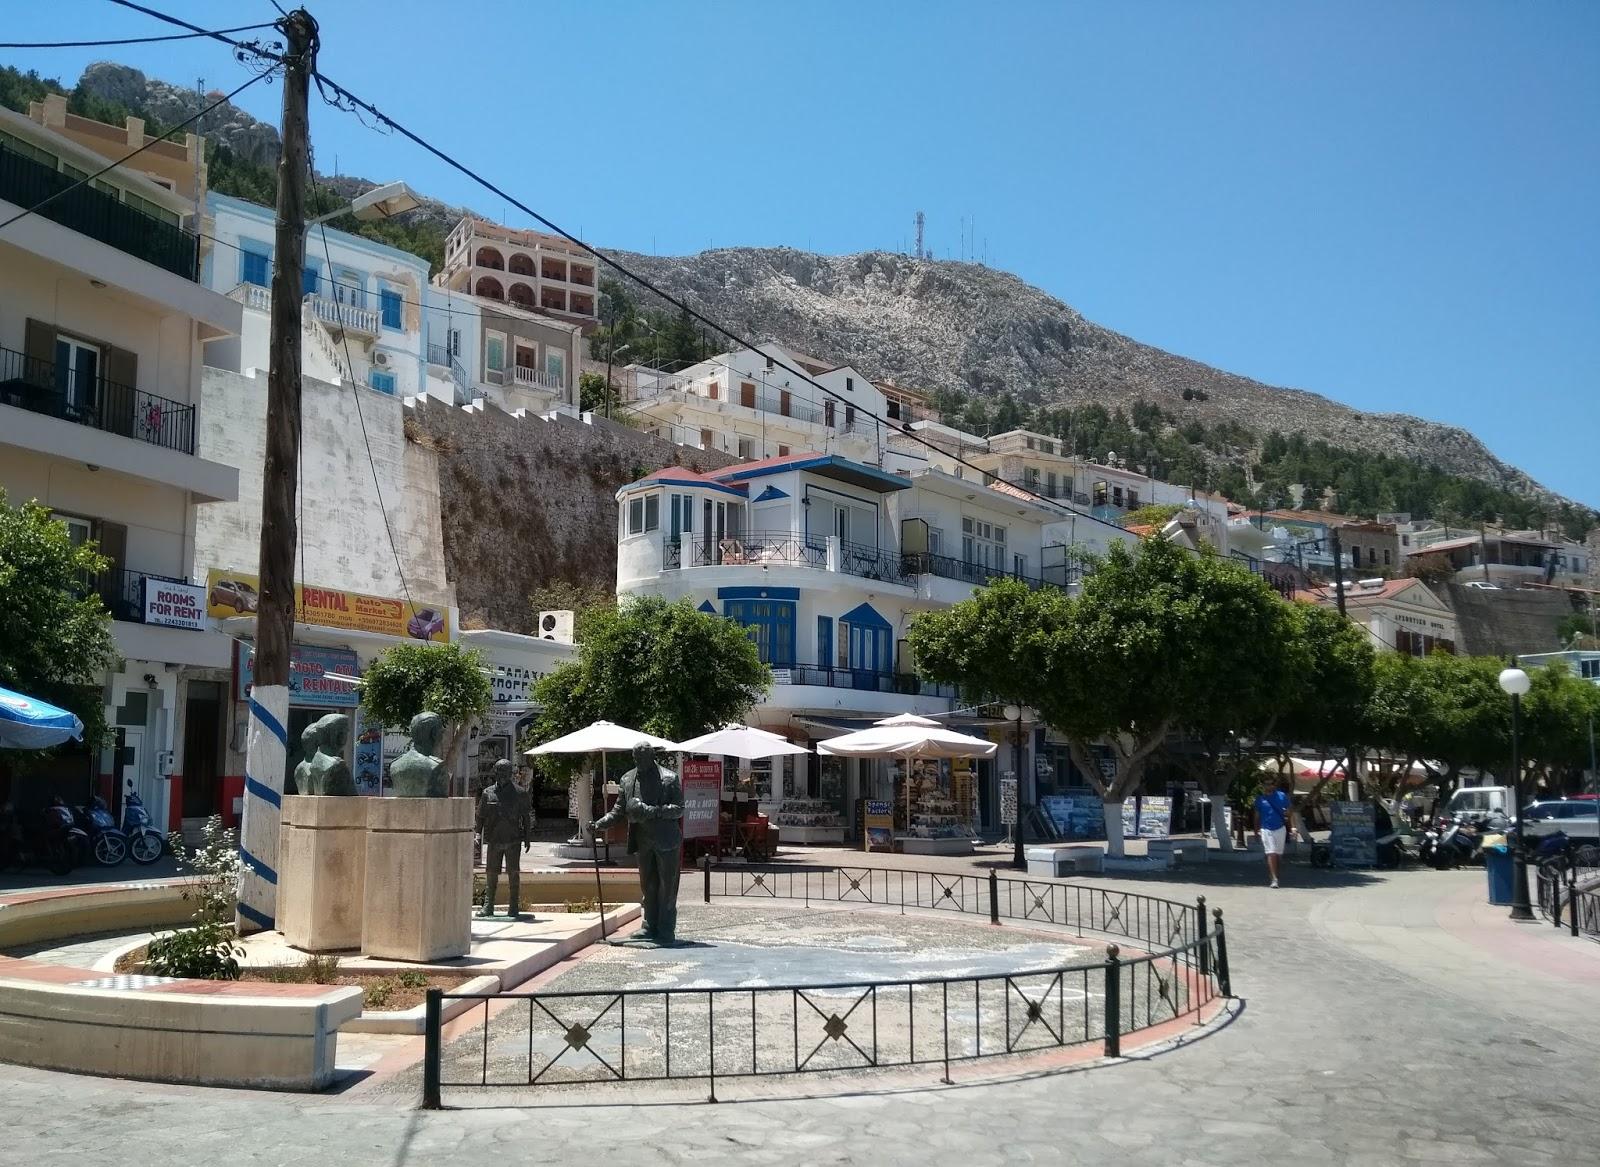 Kos Adası: Hipokrat Havaalanı misafirler için bekliyor 89